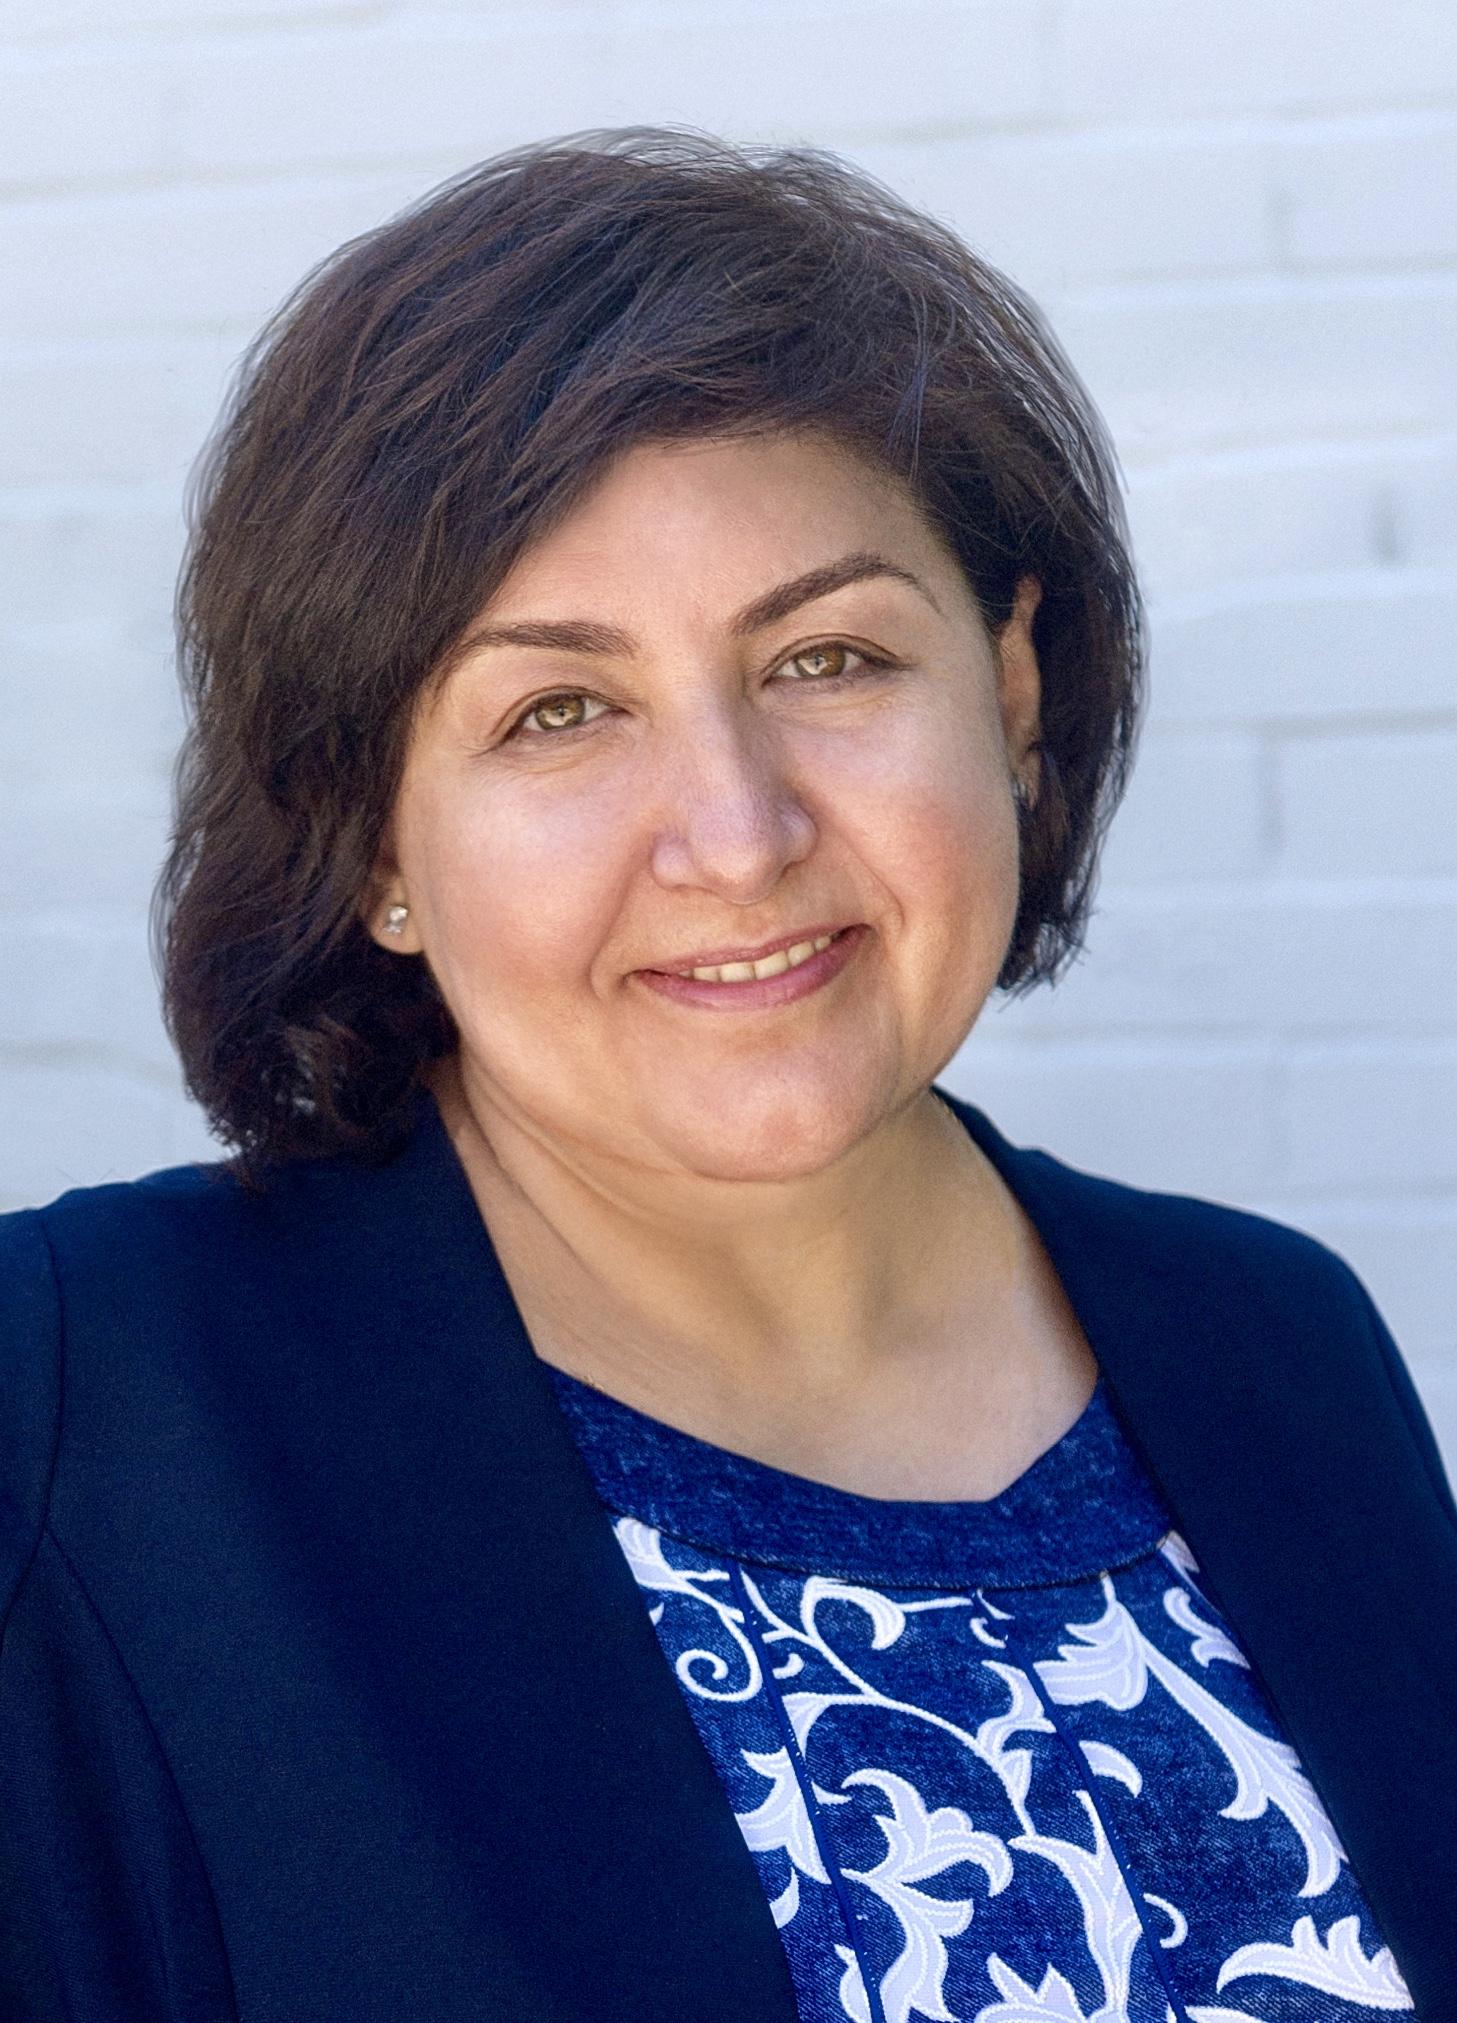 Olga Kuzhel